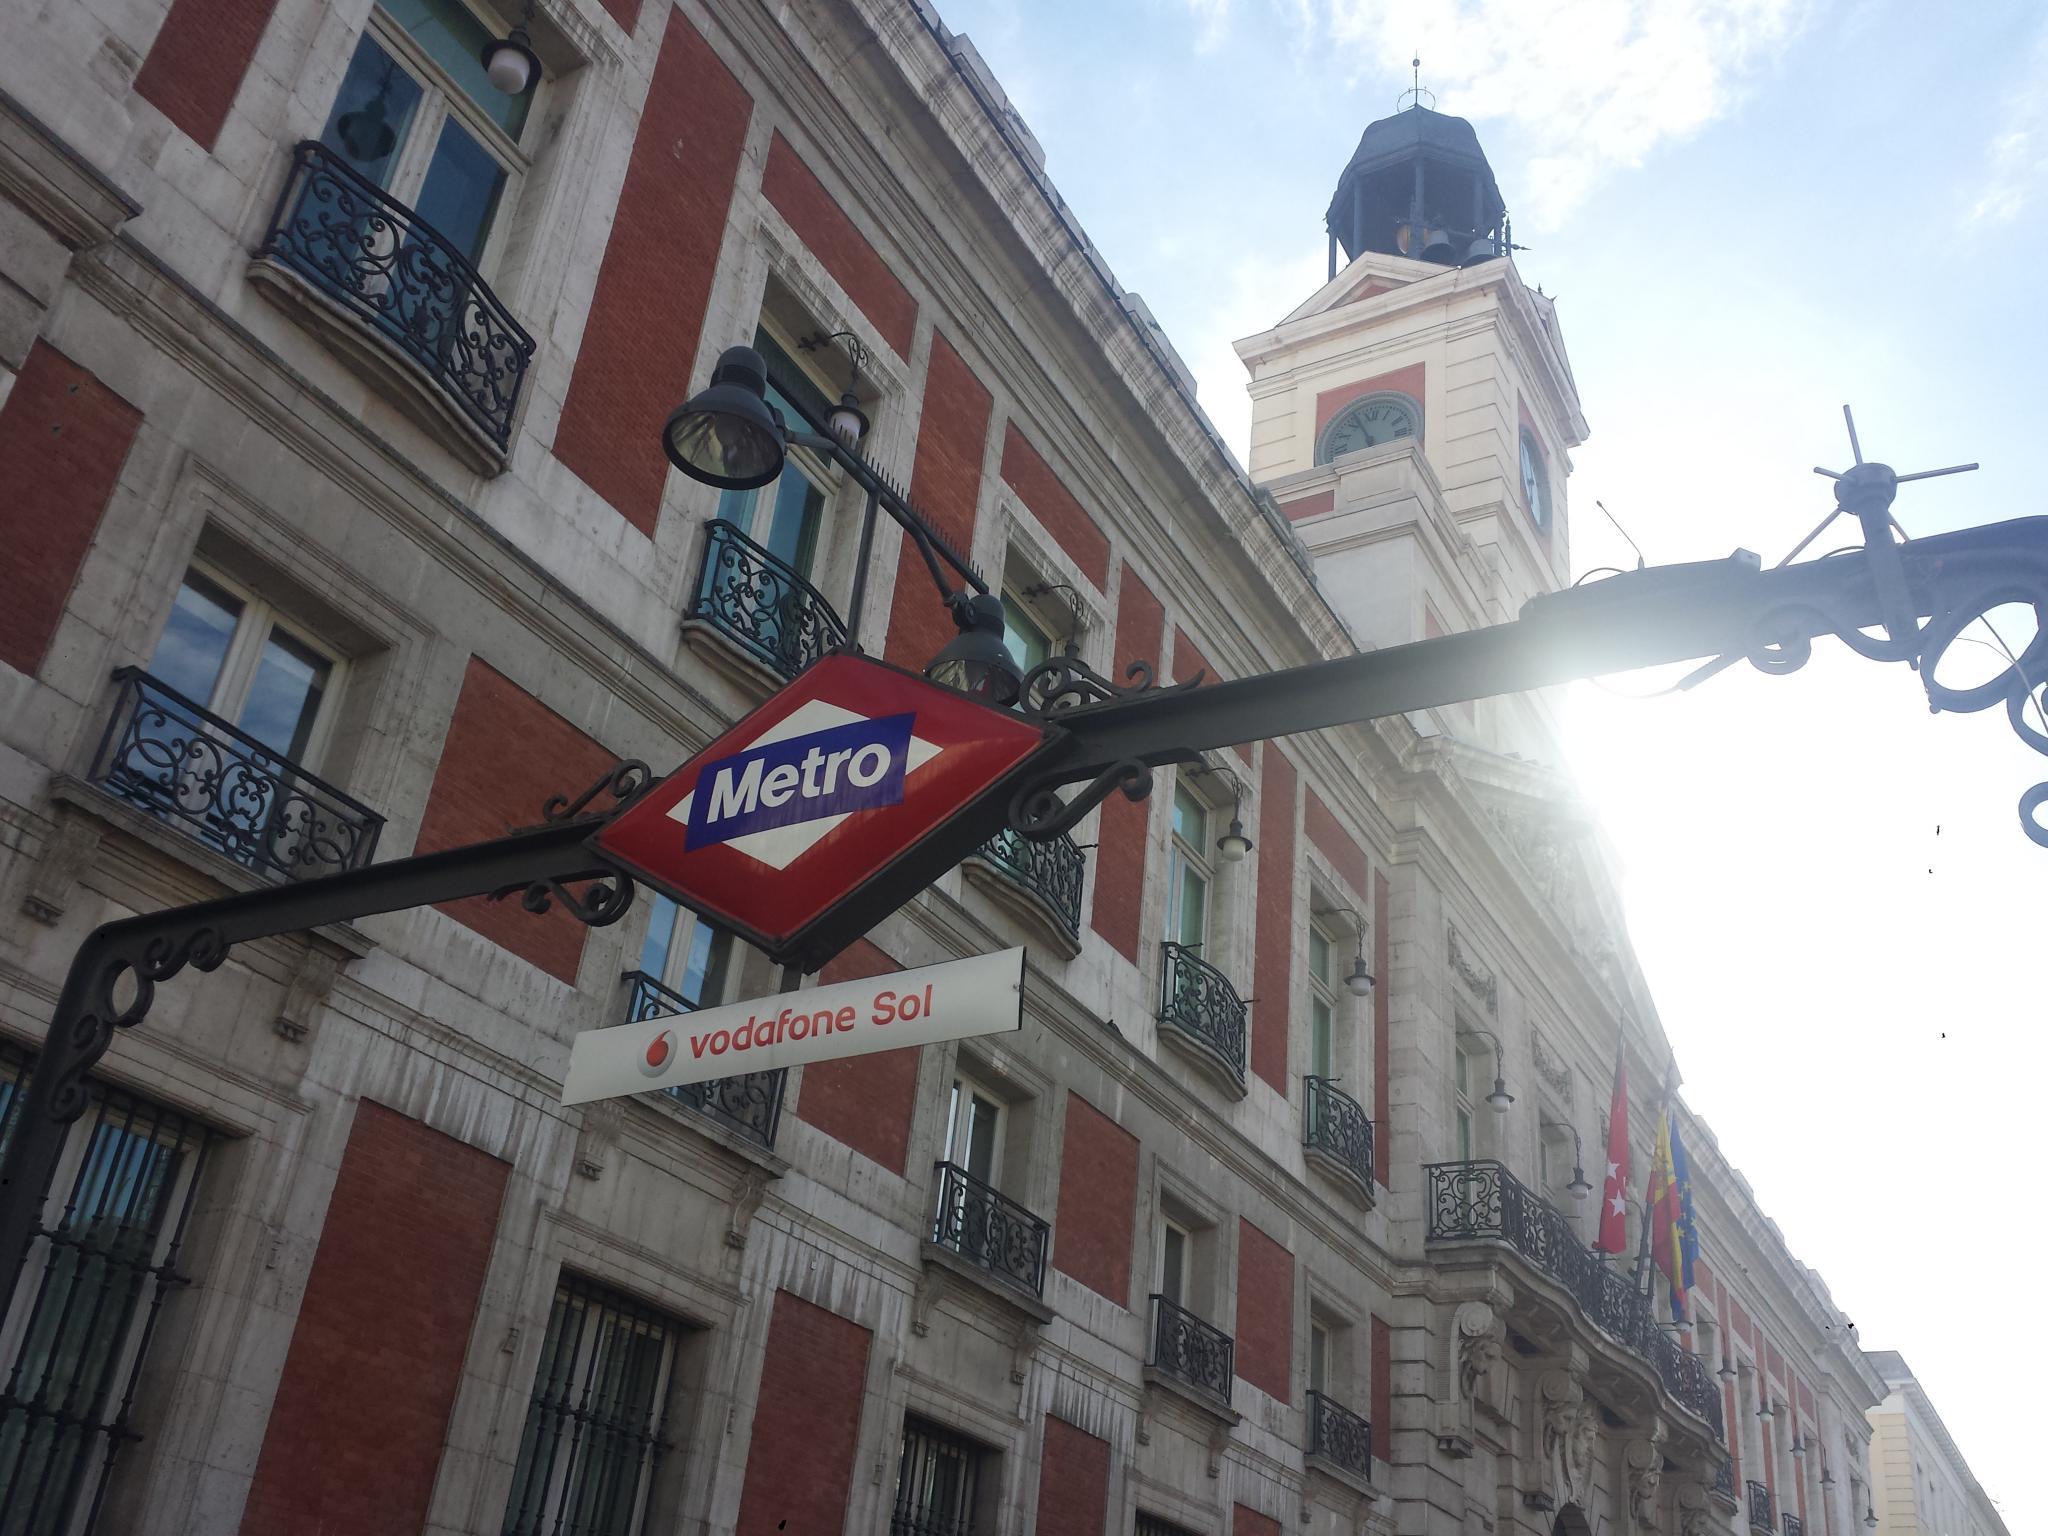 Vodafon Sol Madrid